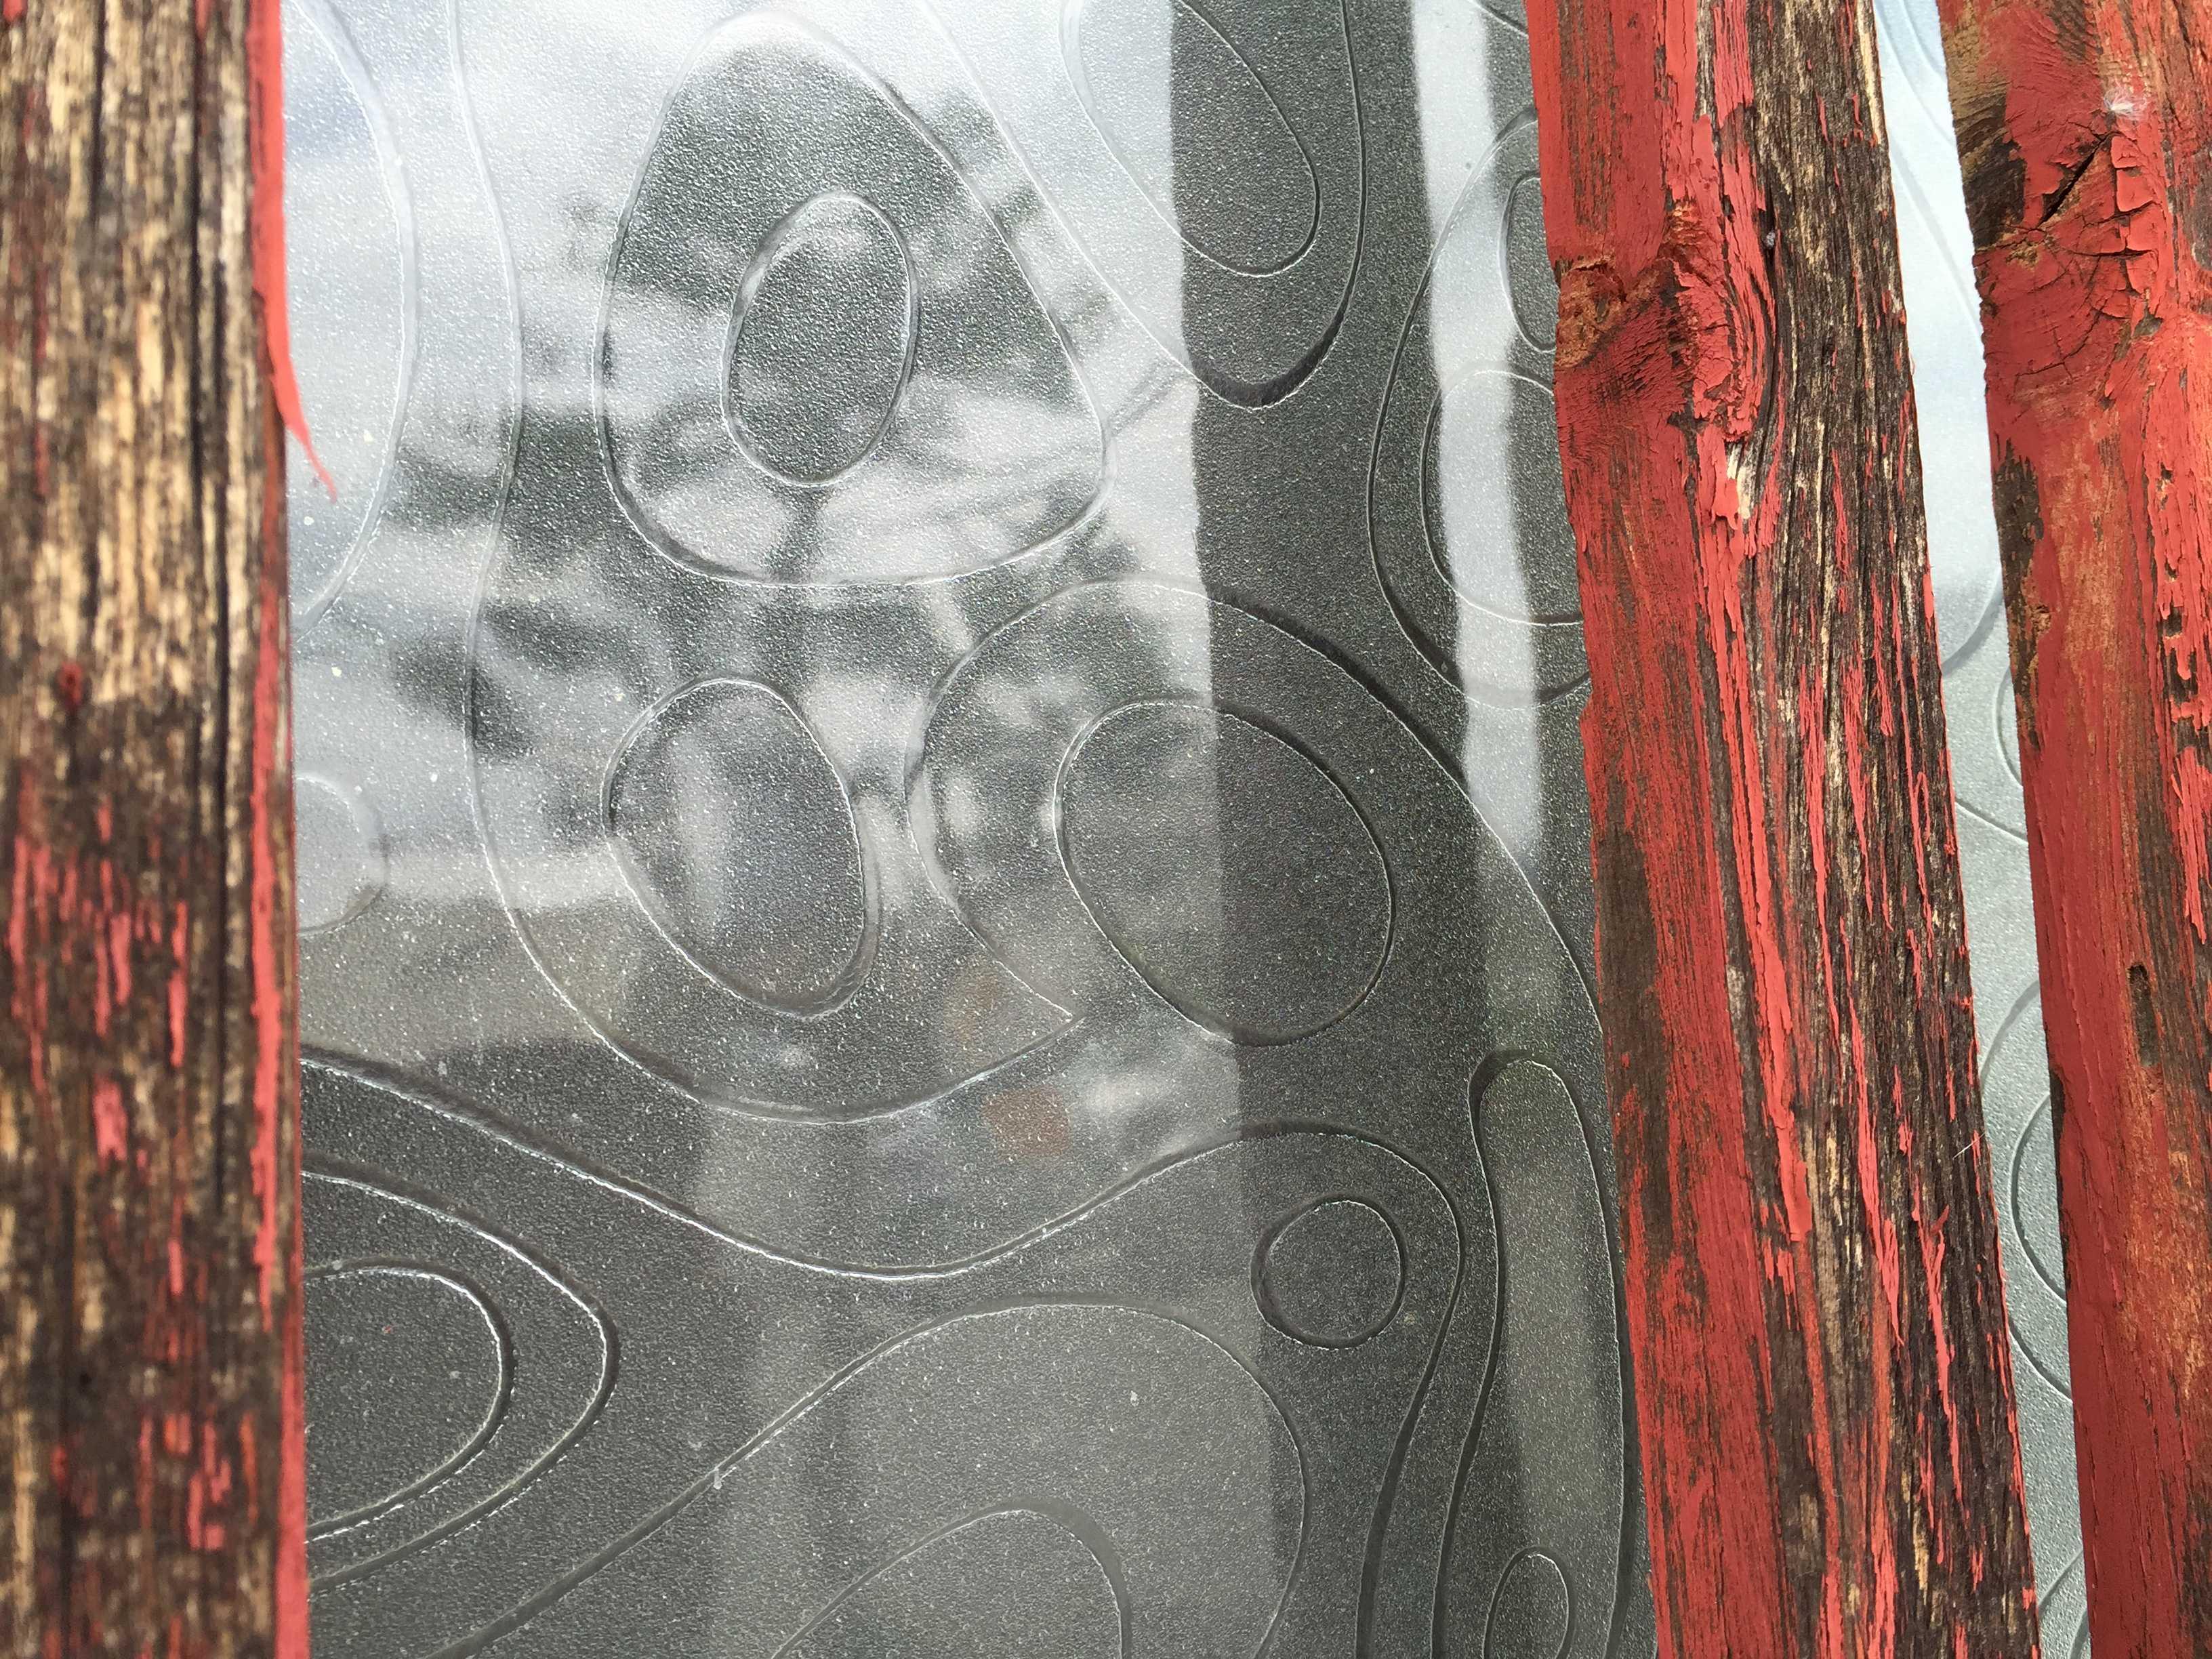 八王子の田町遊郭跡 幾何学模様のガラス